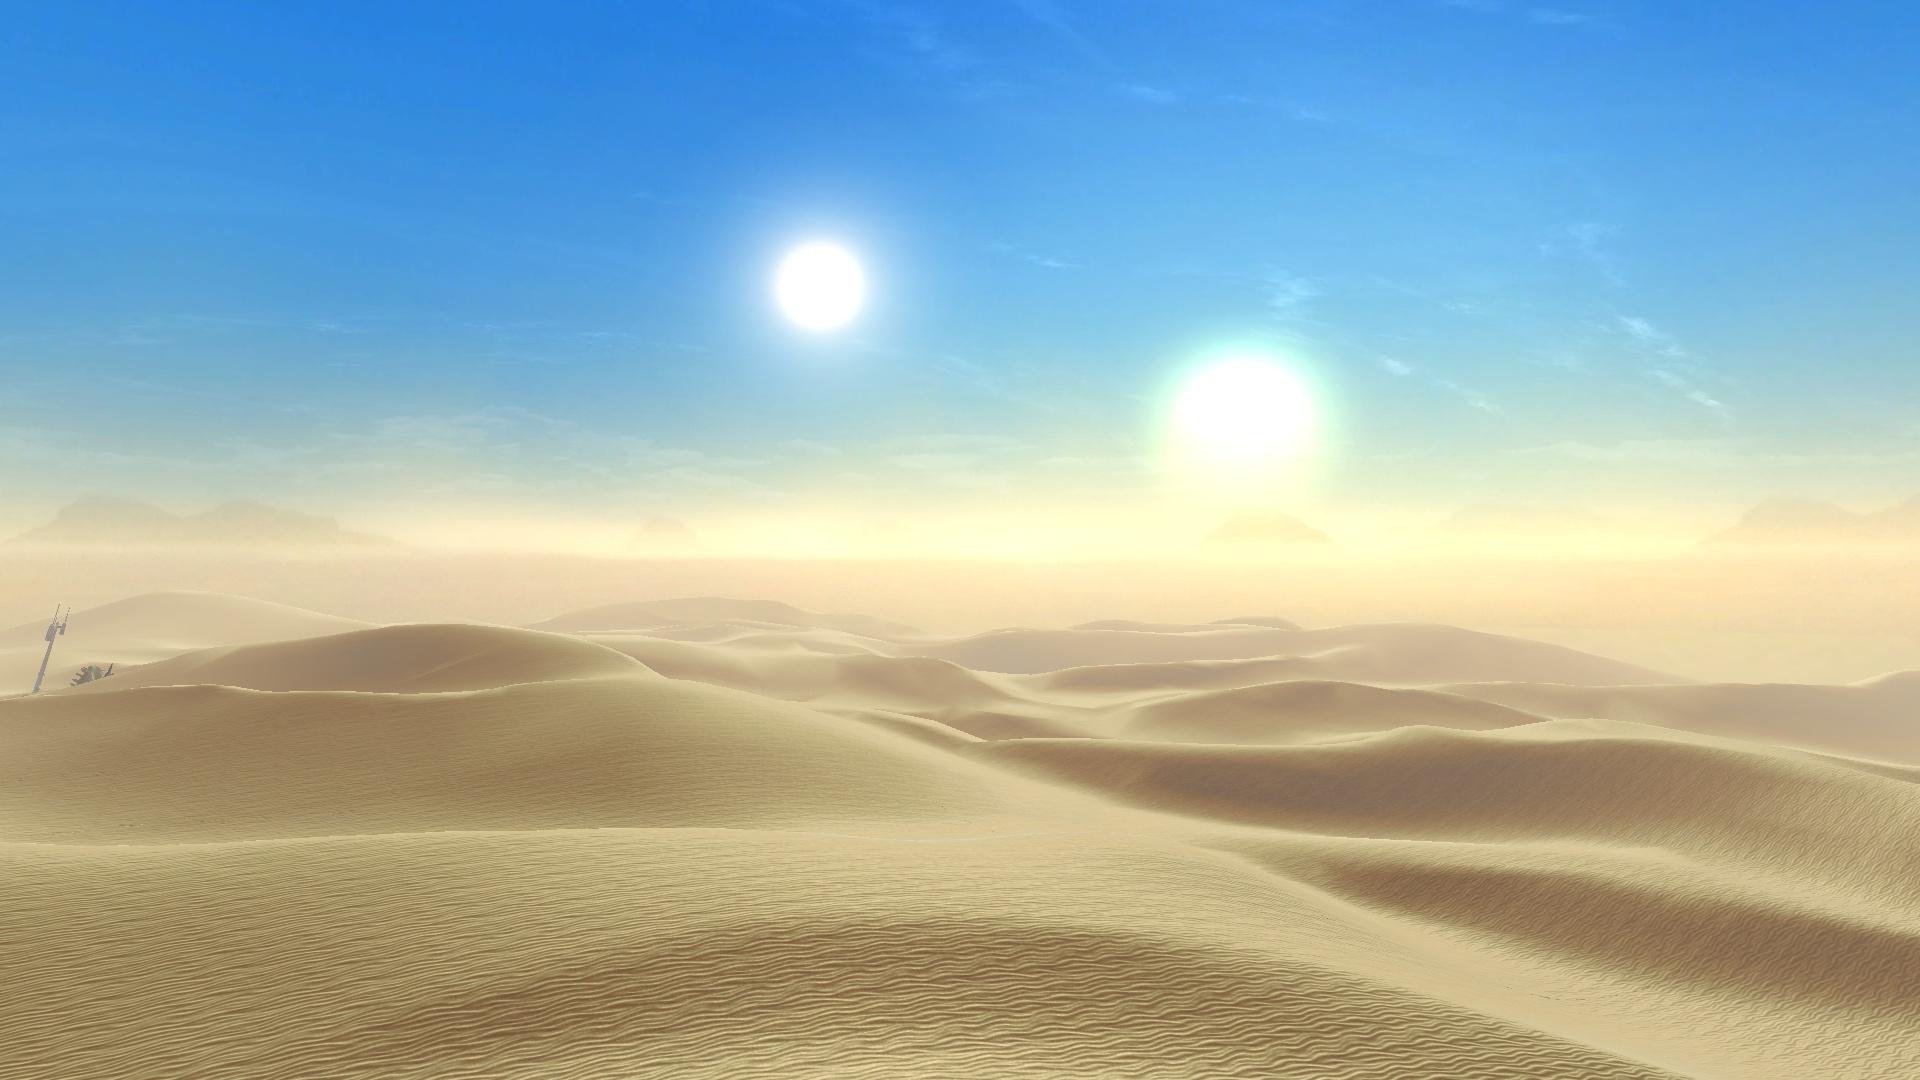 Планеты, схожие Татуину из«Звездных войн», могут быть обитаемыми